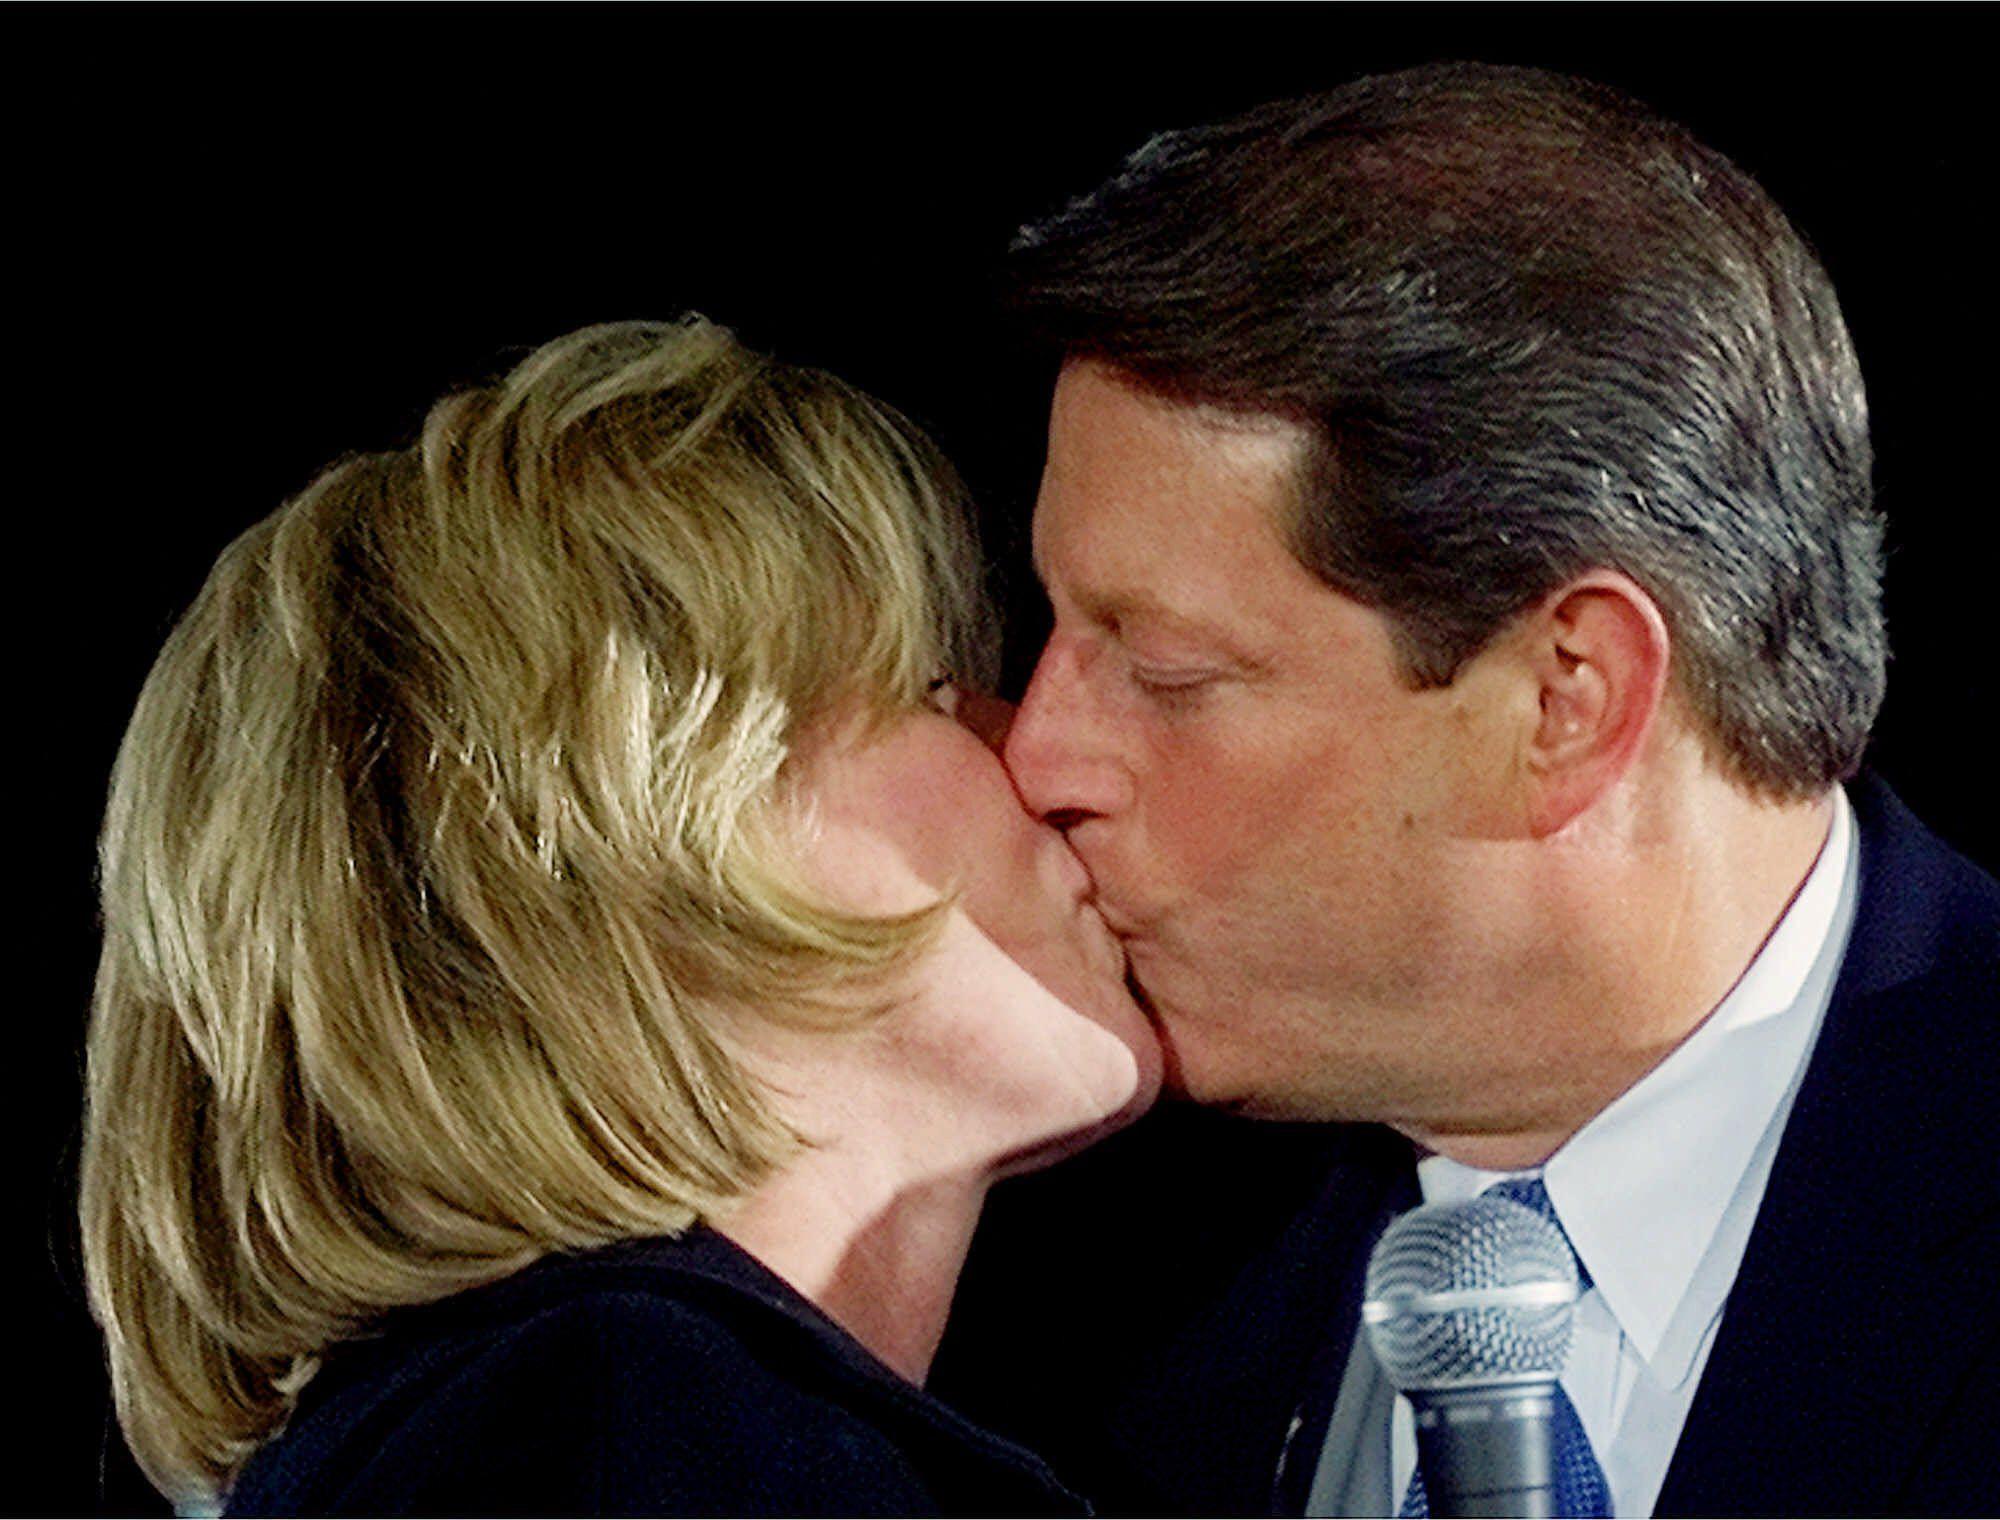 al and tipper kissing close up